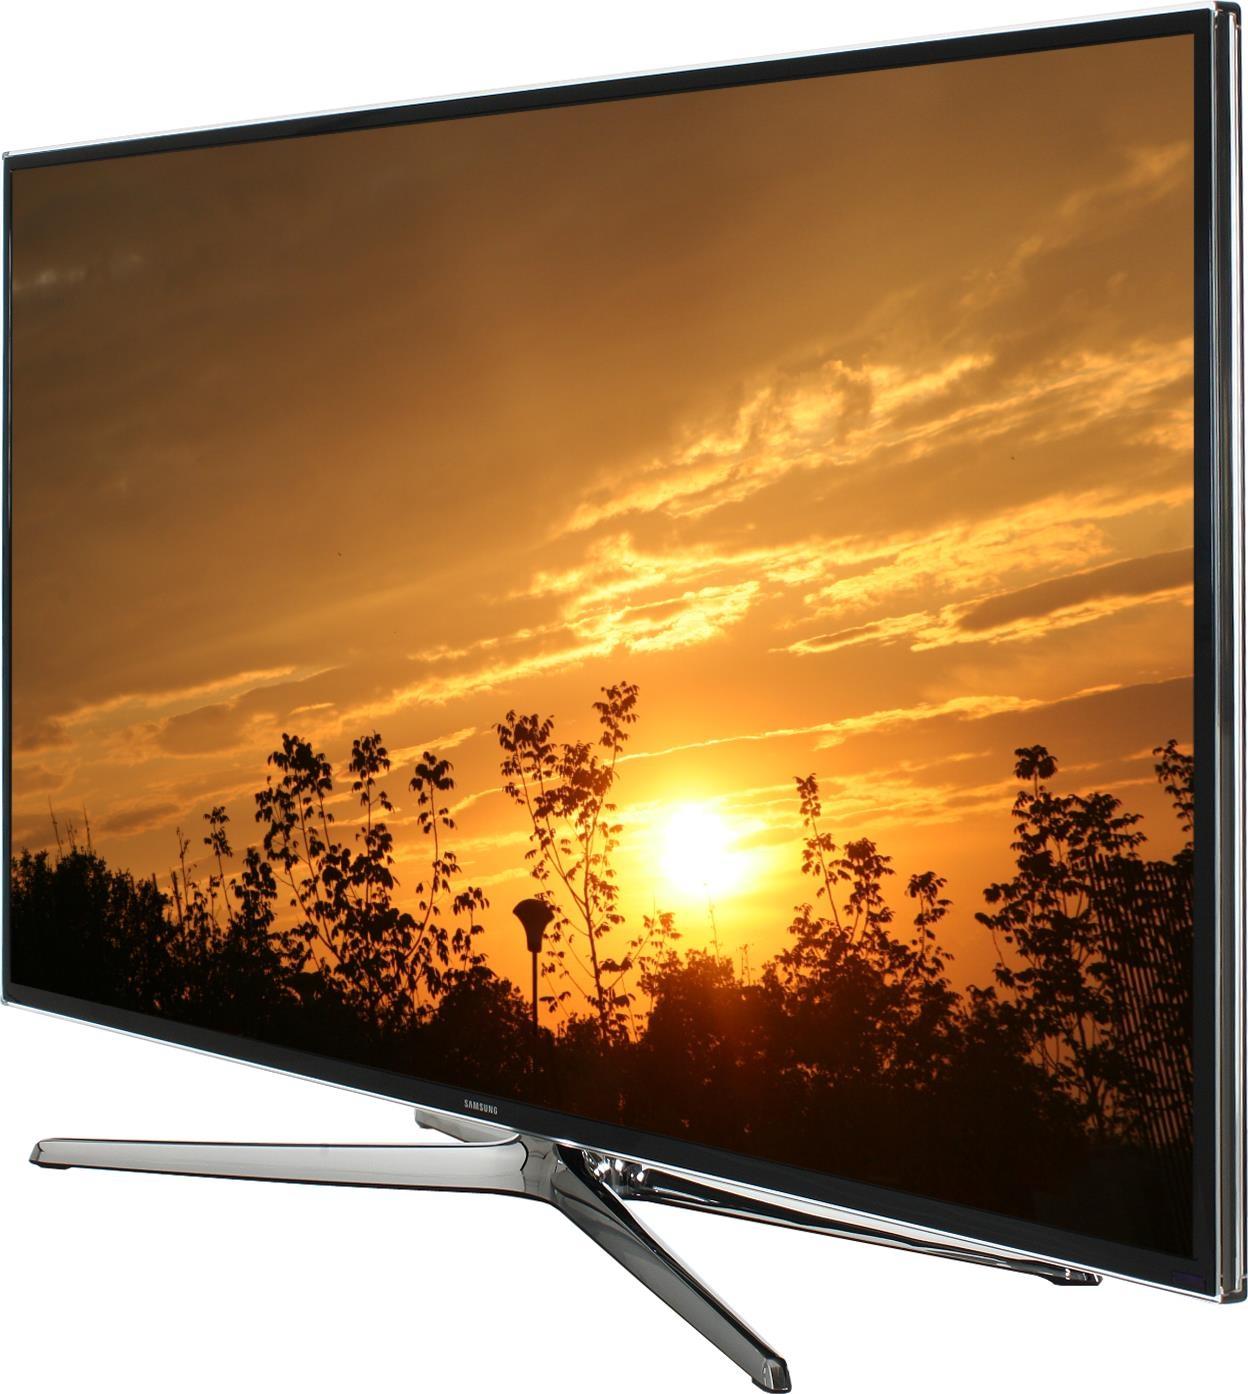 samsung ue48h6400 full hd 3d smart led tv grx electro. Black Bedroom Furniture Sets. Home Design Ideas